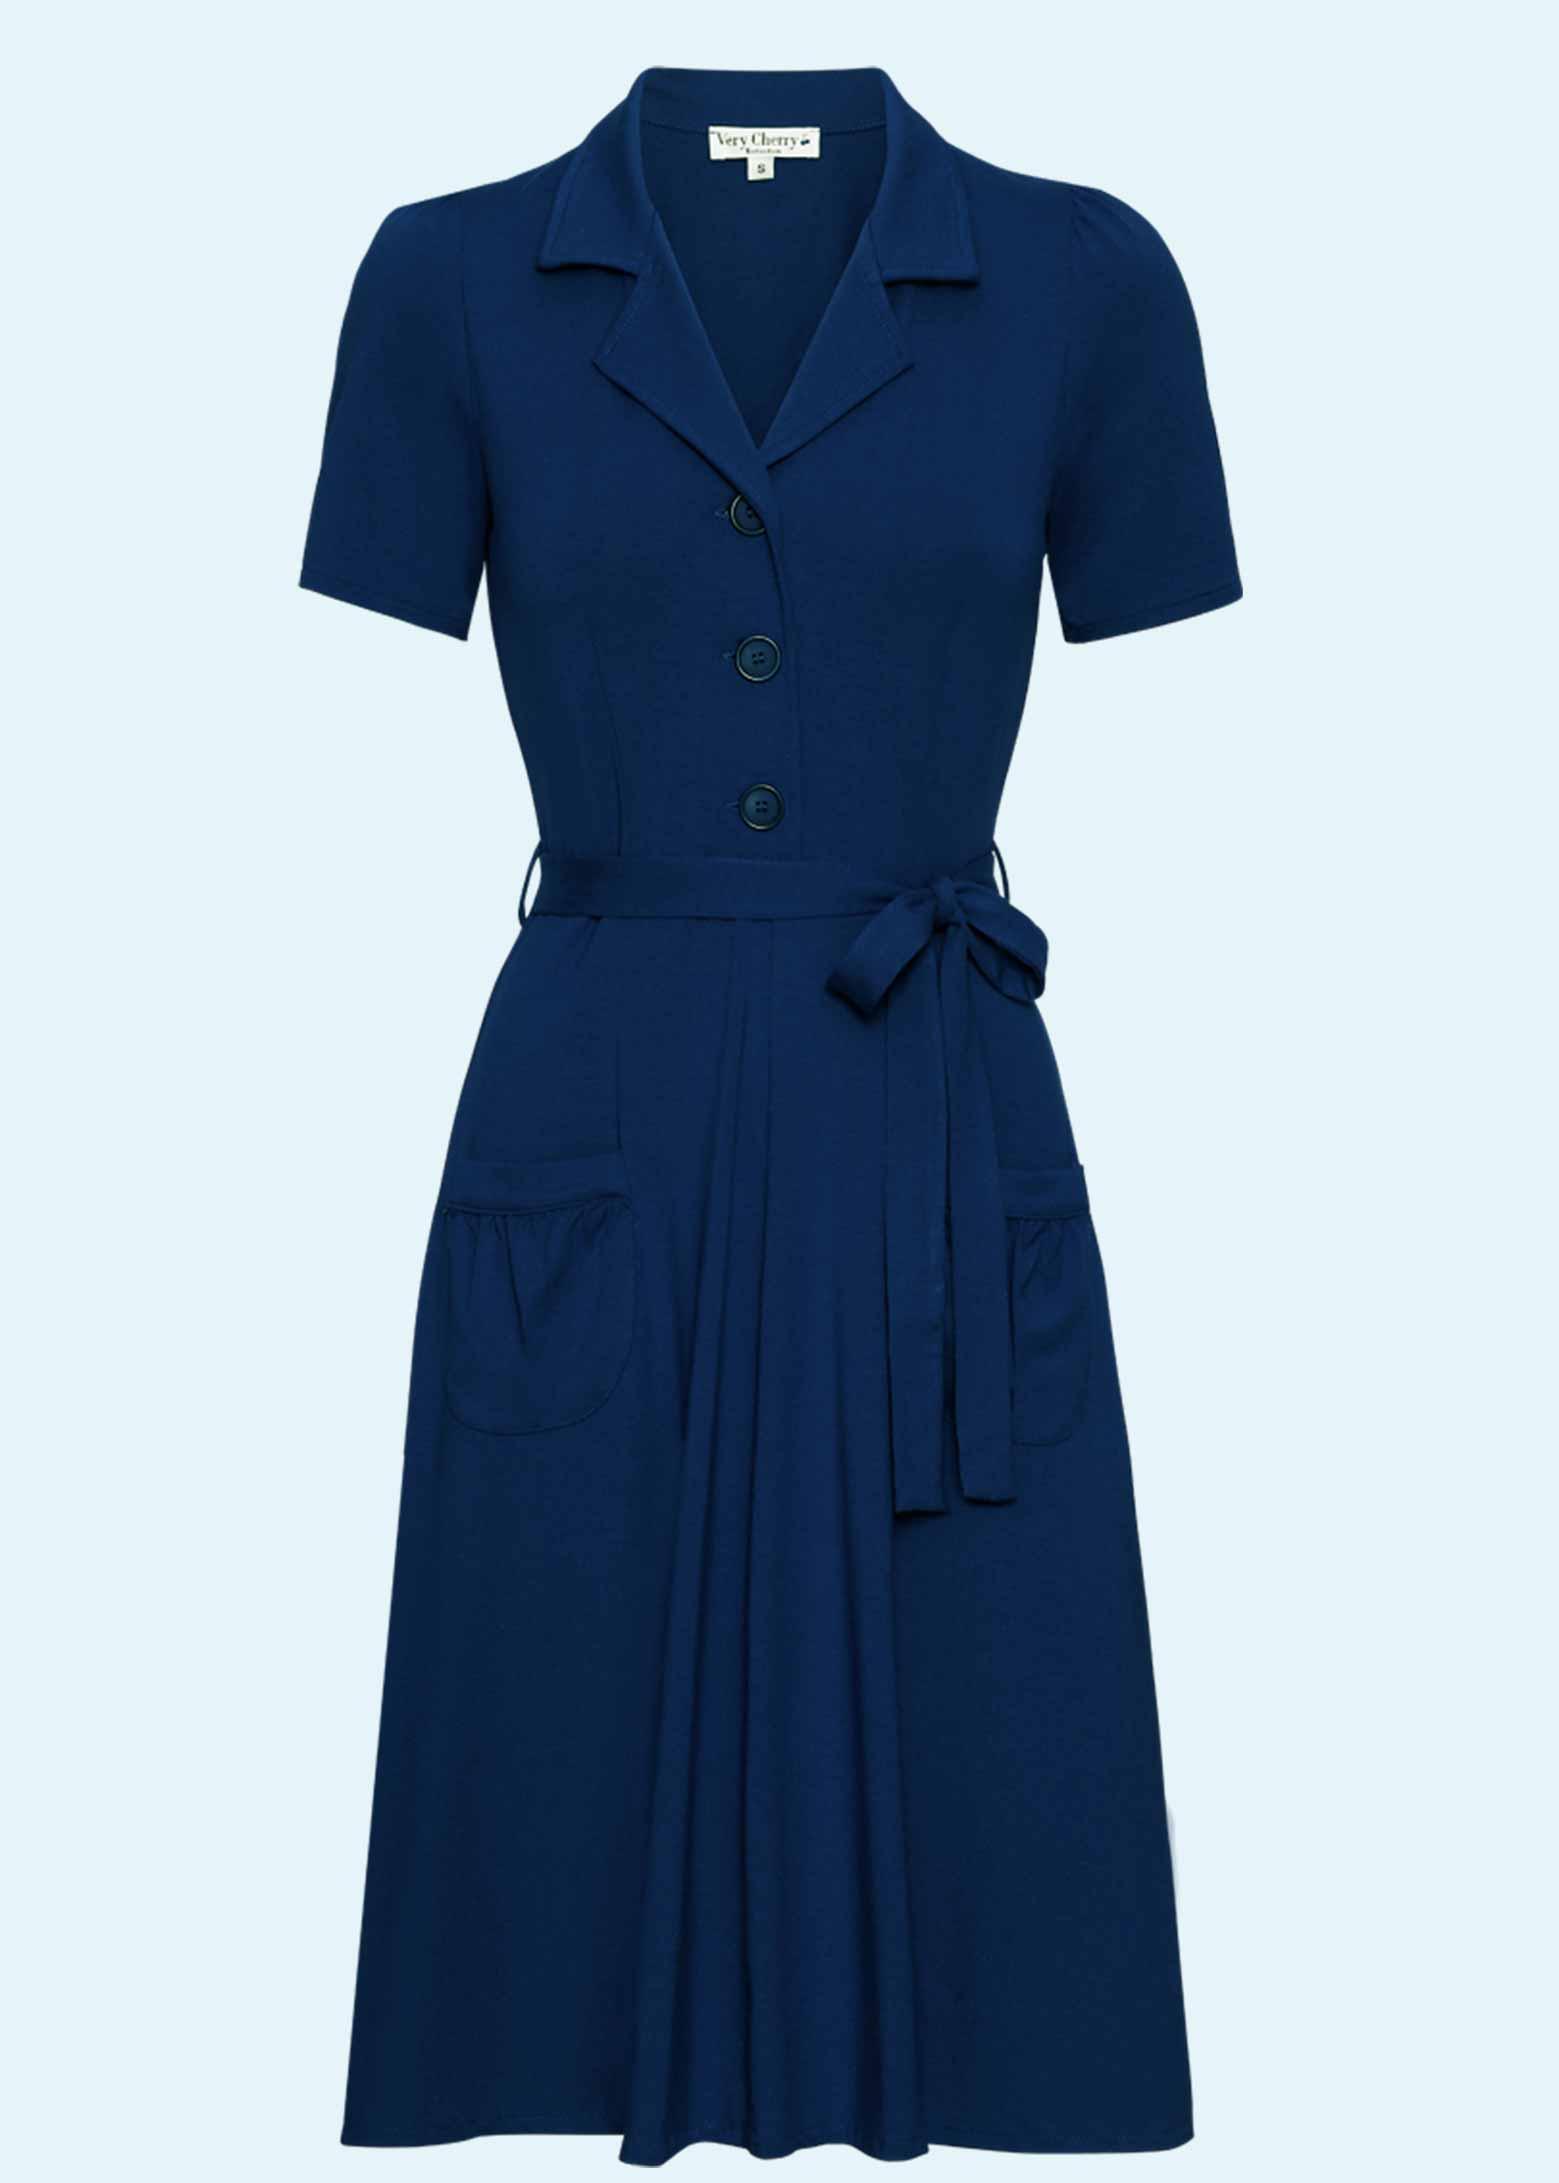 Klassisk navy blå skjortekjole fra Very Cherry